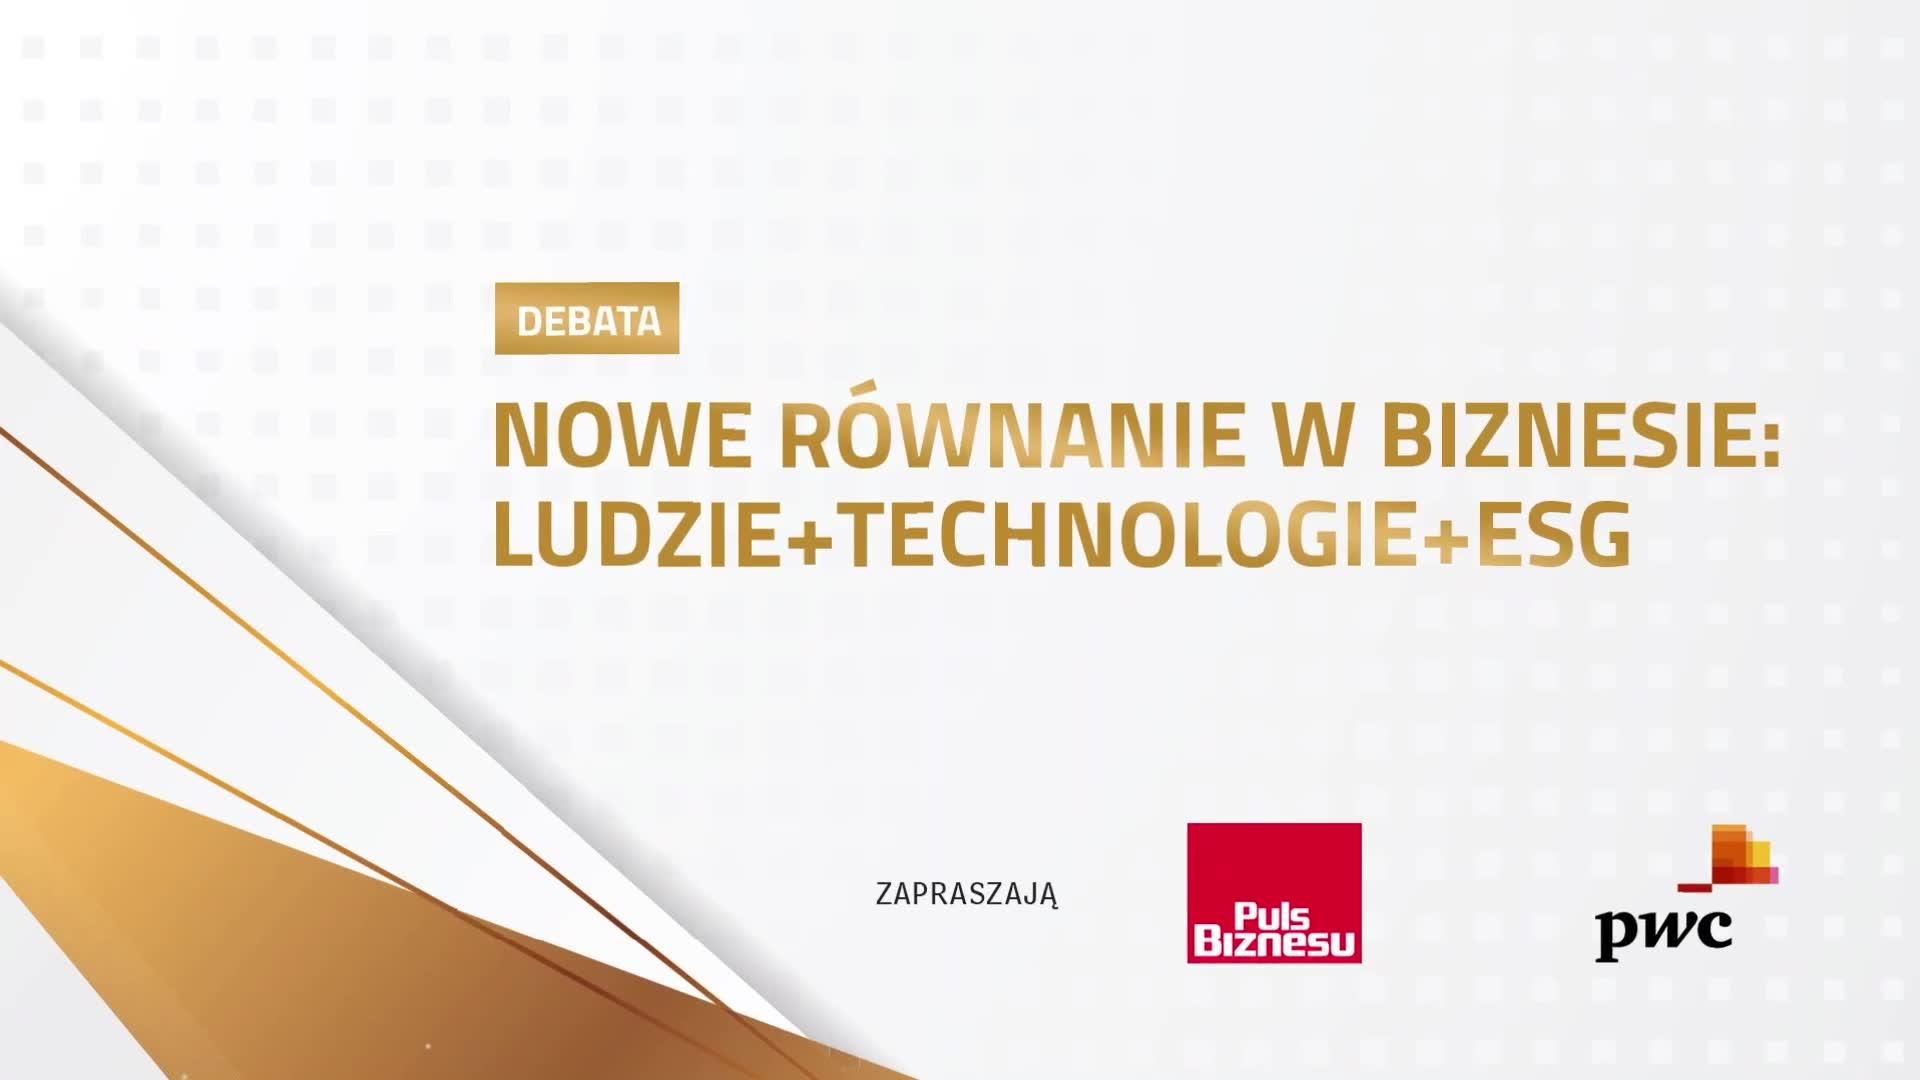 Debata: Nowe równanie w biznesie: ludzie + technologie + ESG